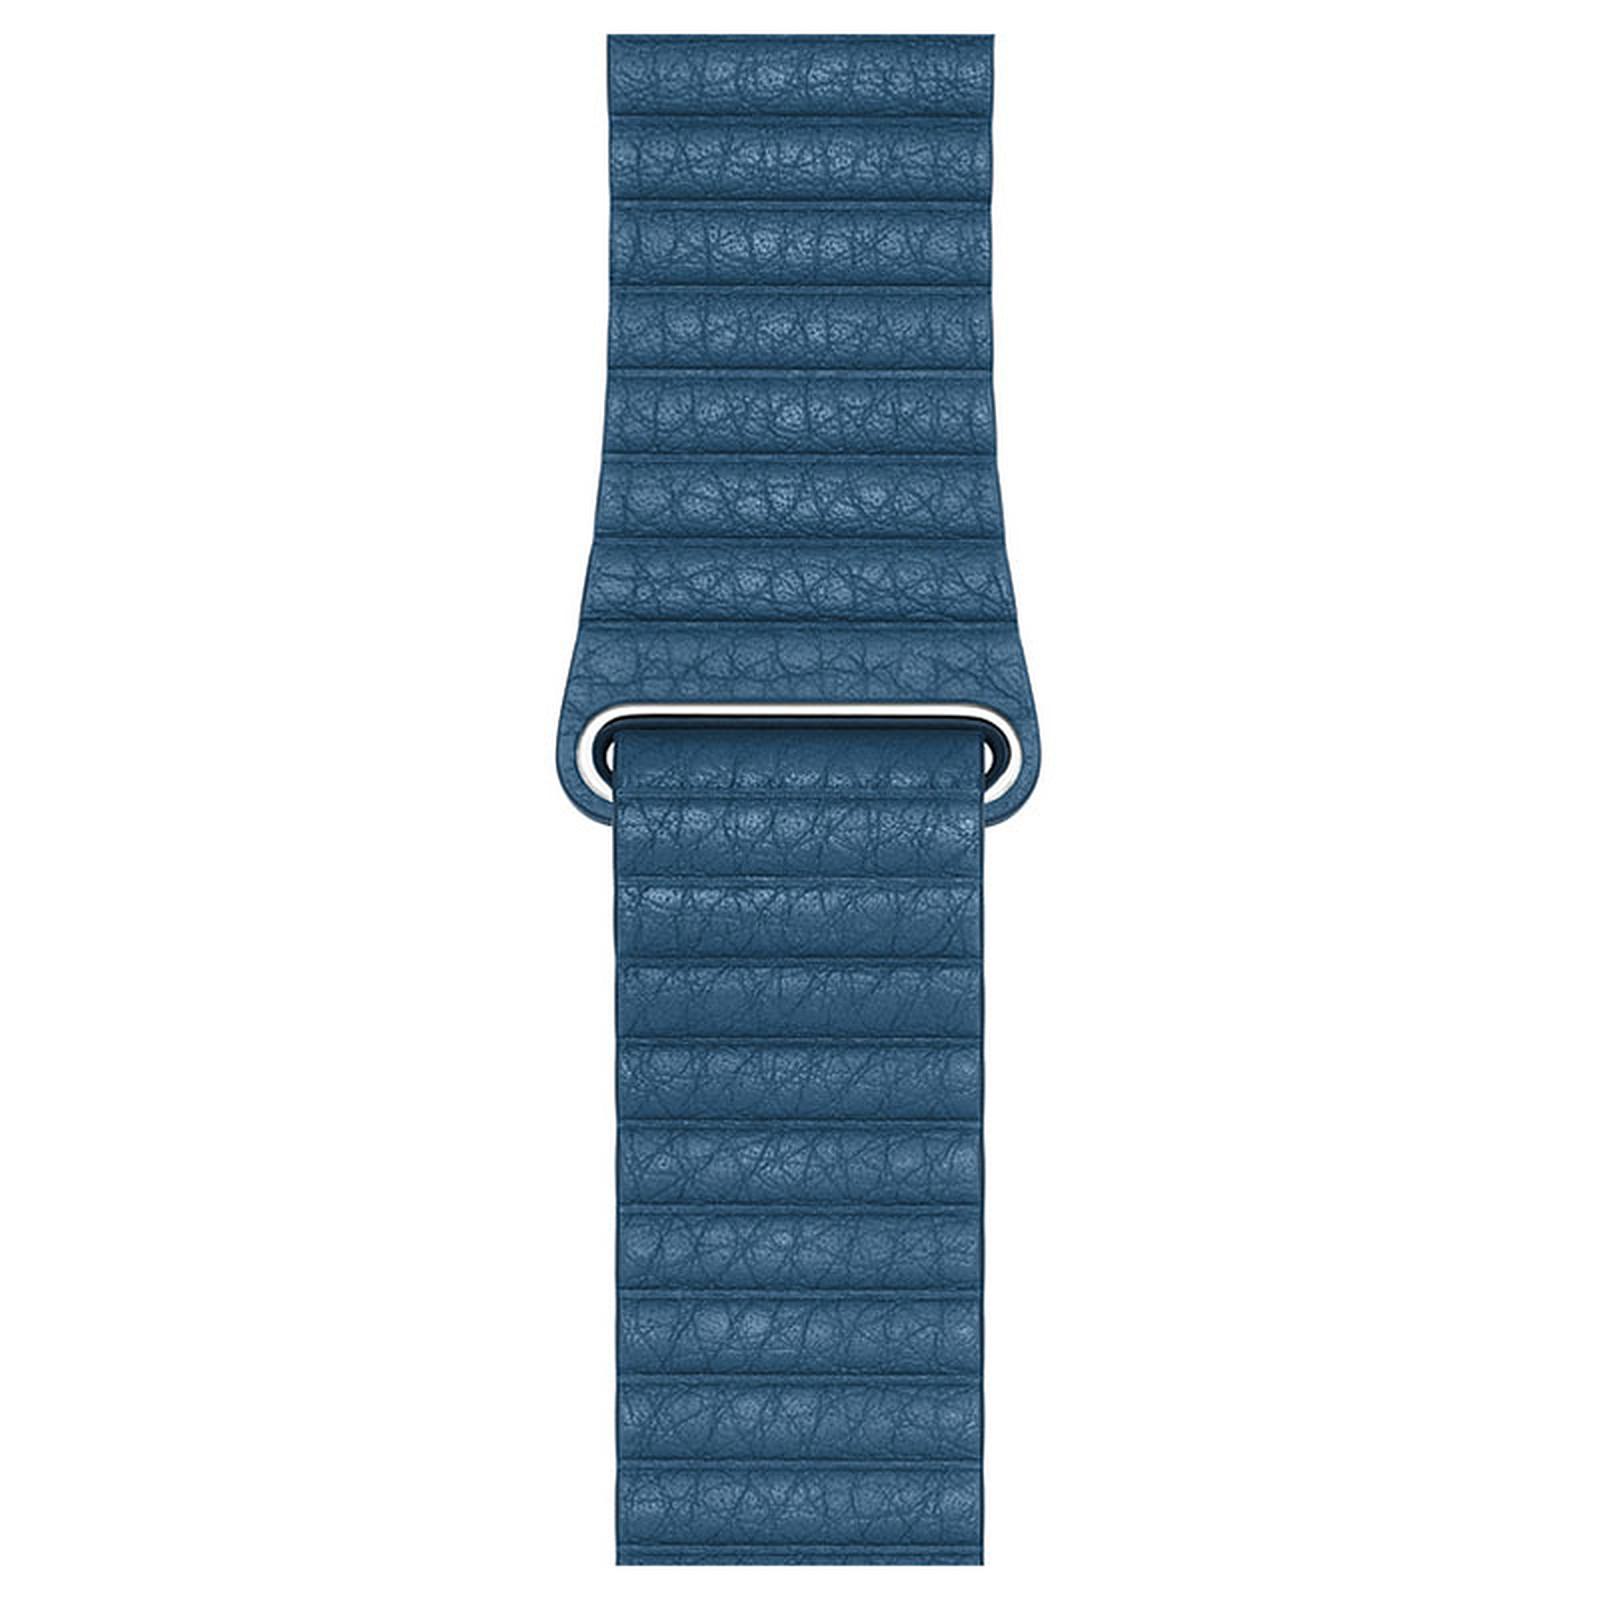 Apple Bracelet Cuir 44 mm Bleu Cape Cod - Large